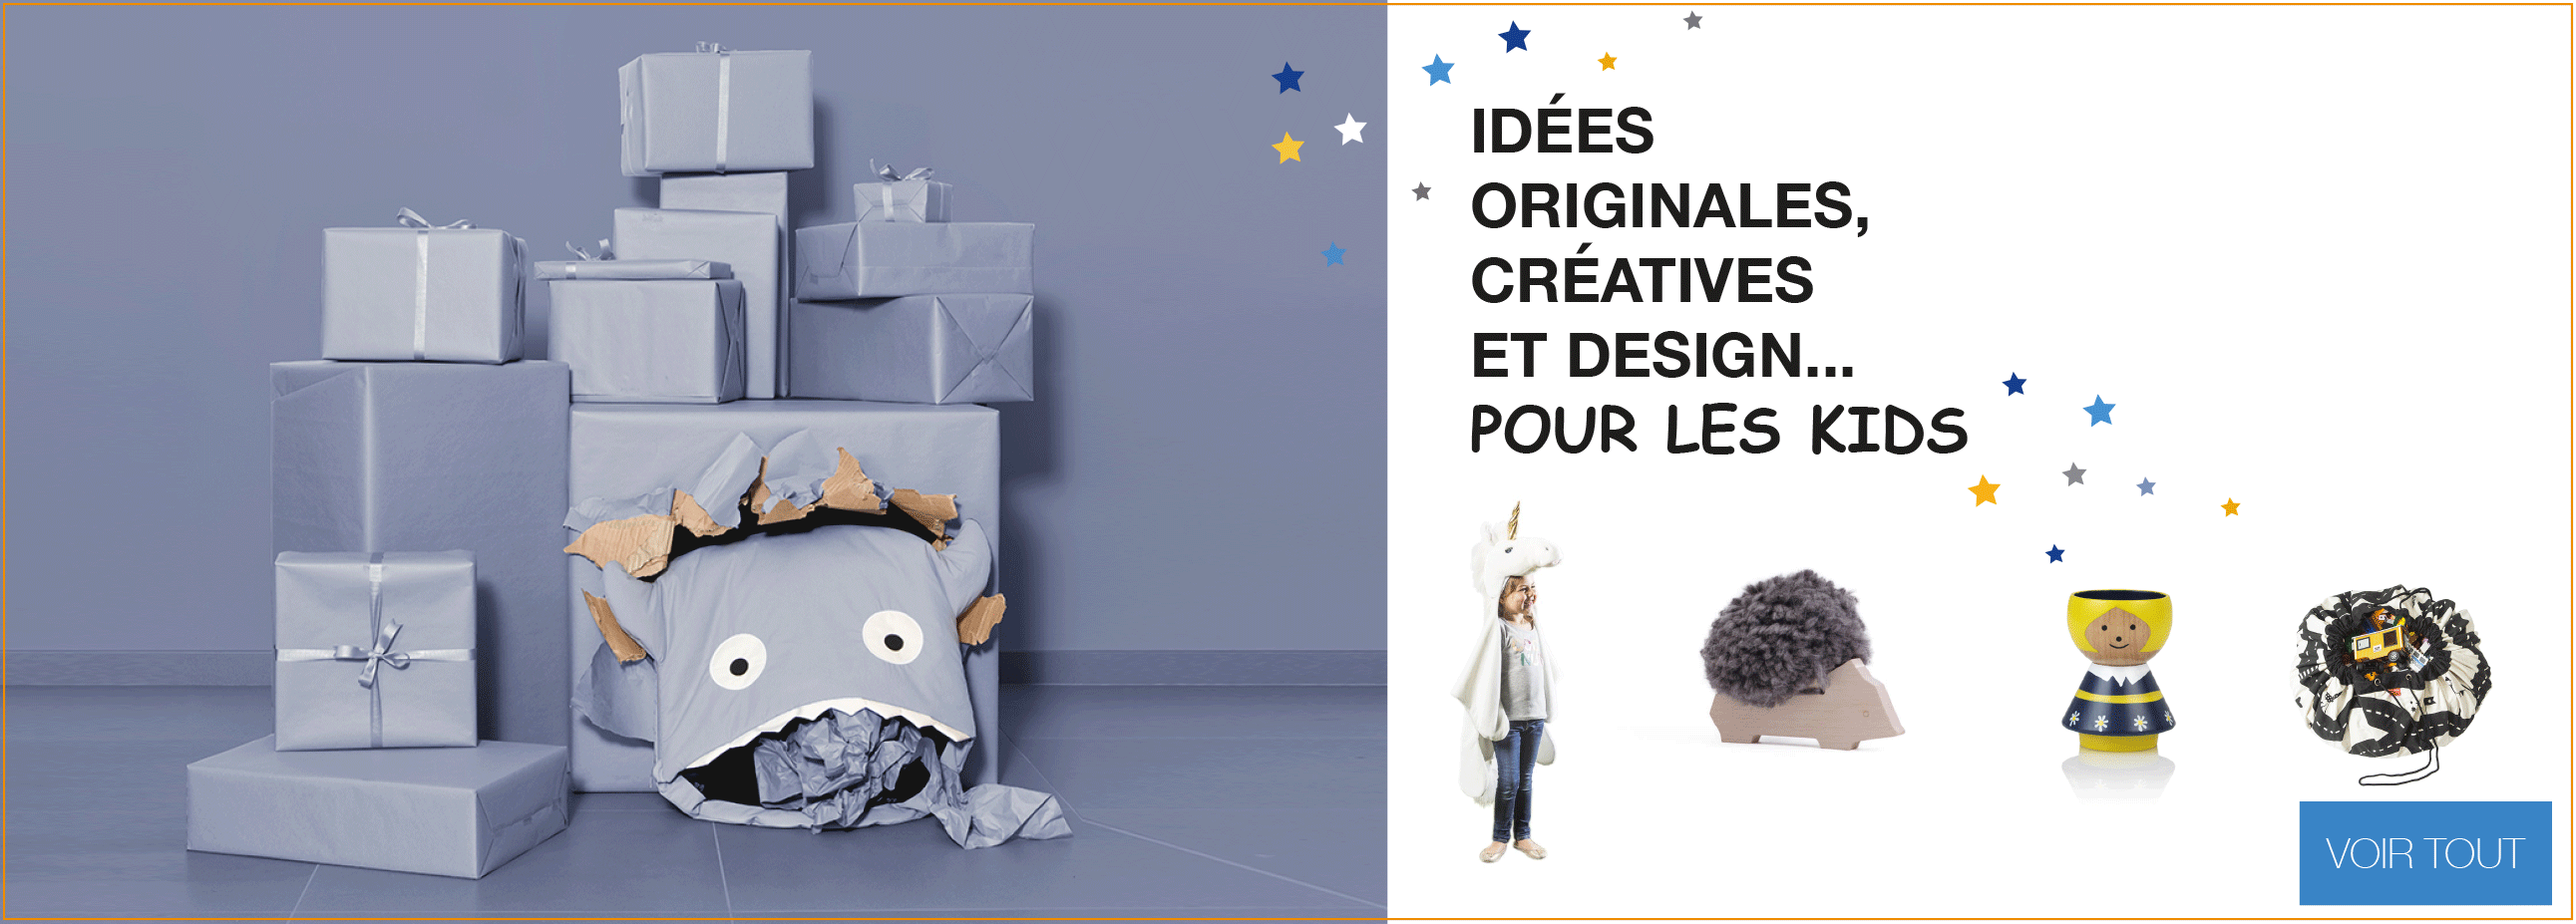 Idées cadeau pour les KIDS - Noël 2018